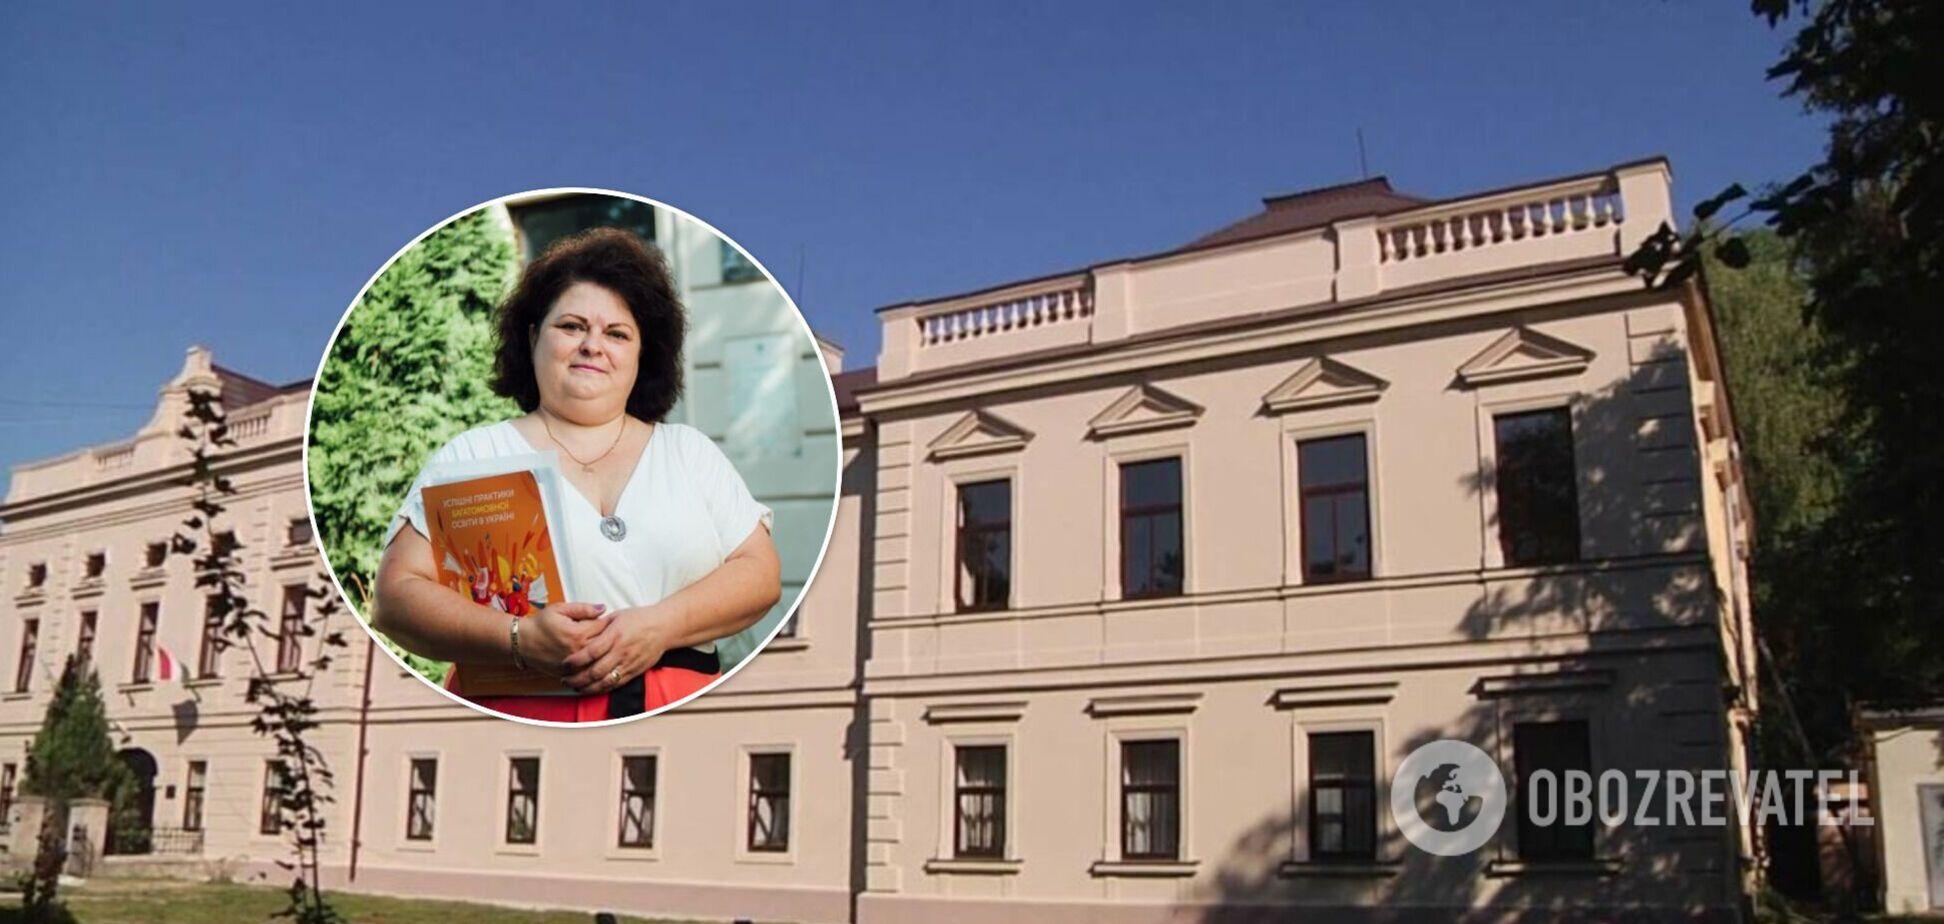 Директора школы в Виноградове обвинили в выплате зарплаты 'учителям-призракам'